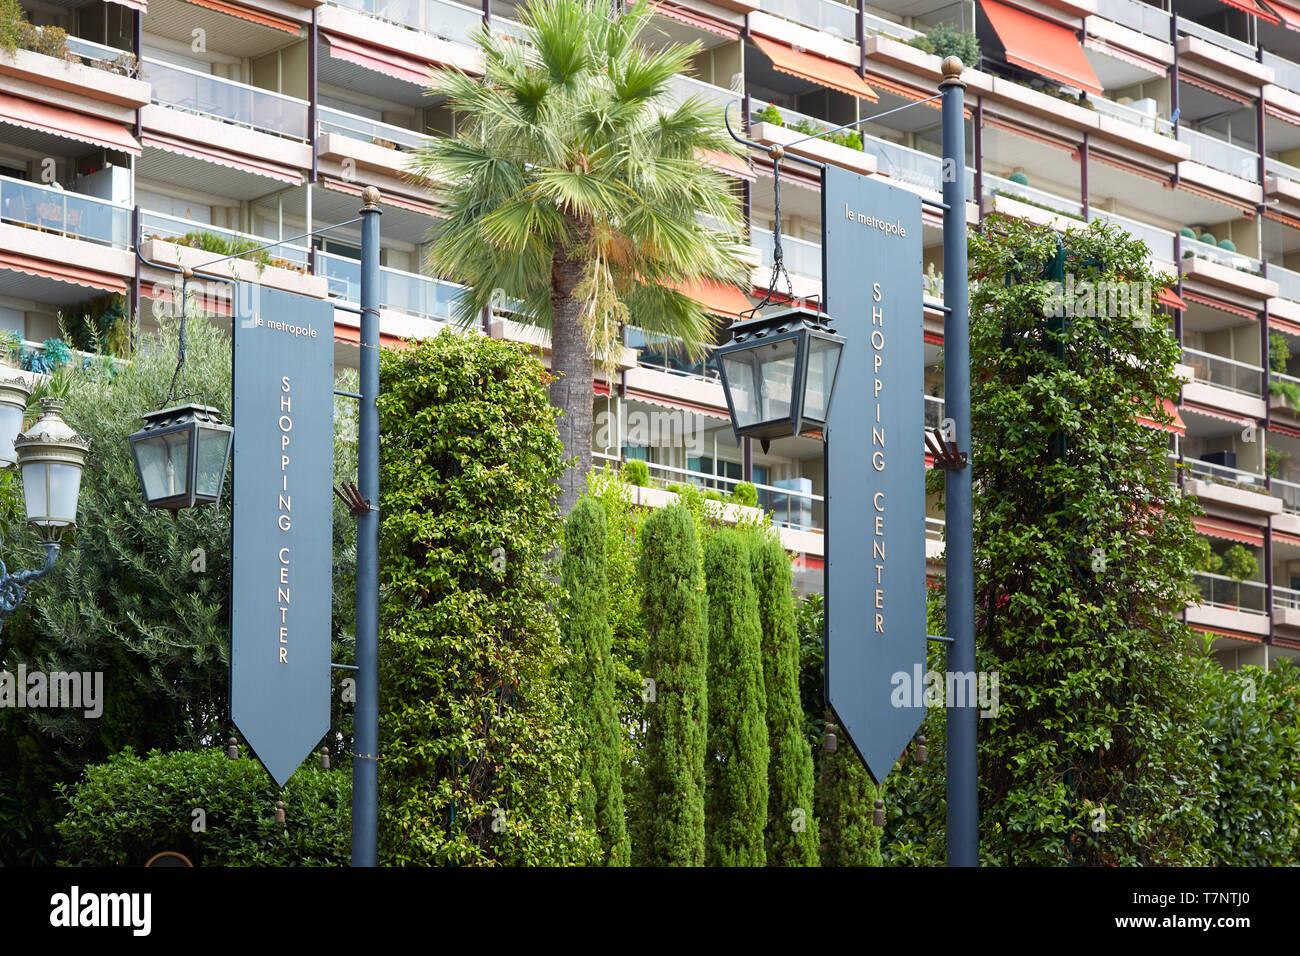 MONTE CARLO, MONACO - AUGUST 20, 2016: Le Metropole, luxury shopping center sign in Monte Carlo, Monaco. - Stock Image